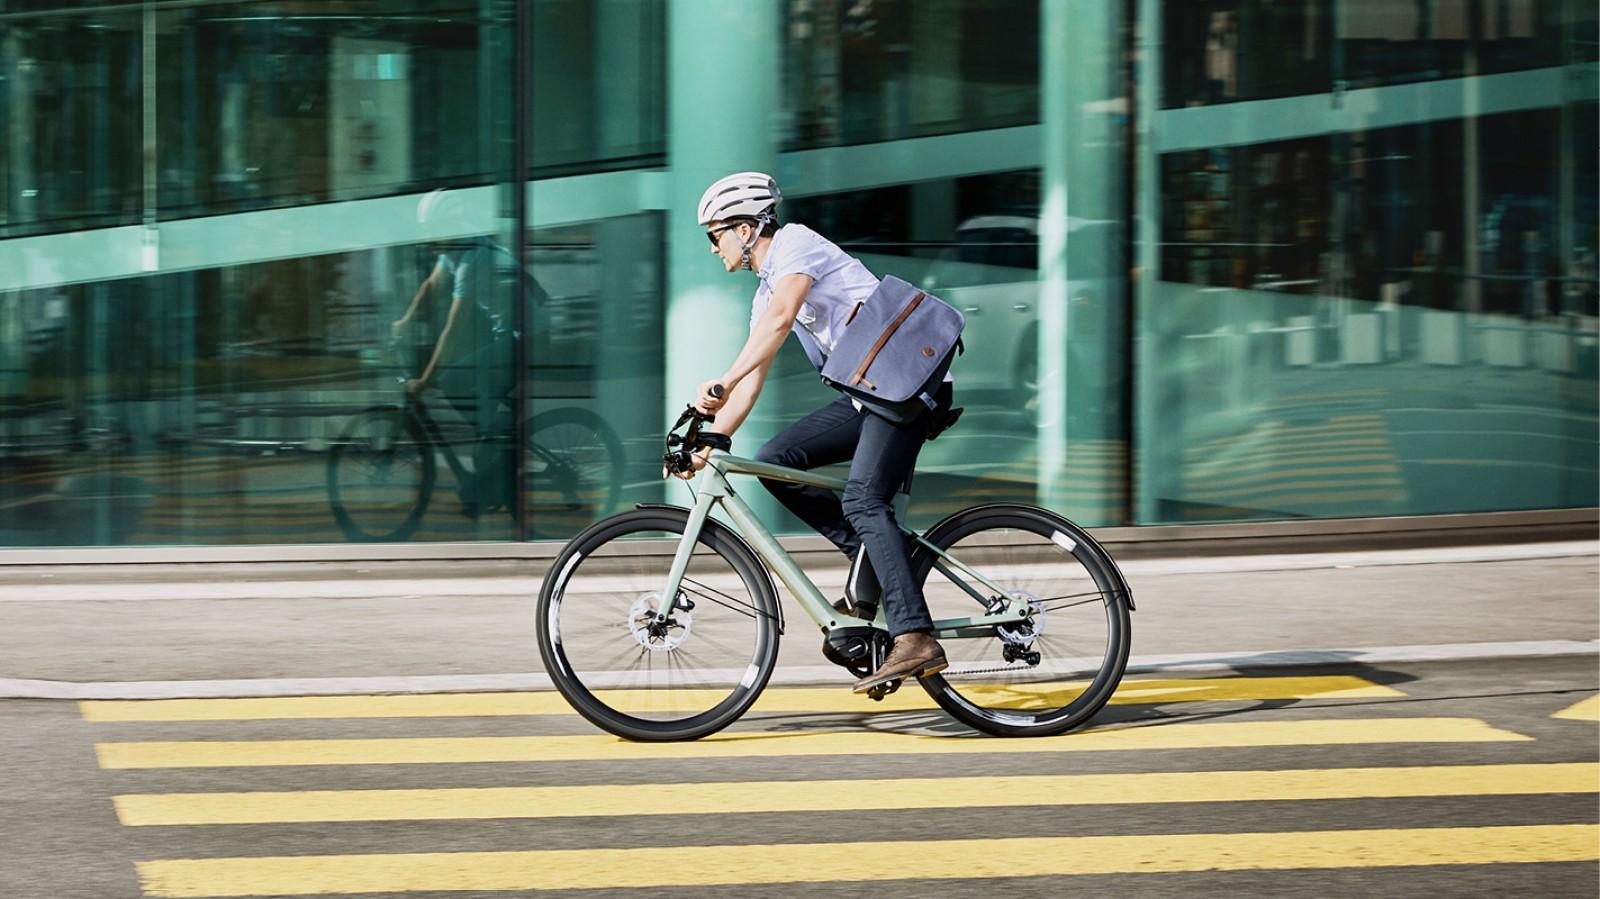 ebike-movilidad-ciudad/